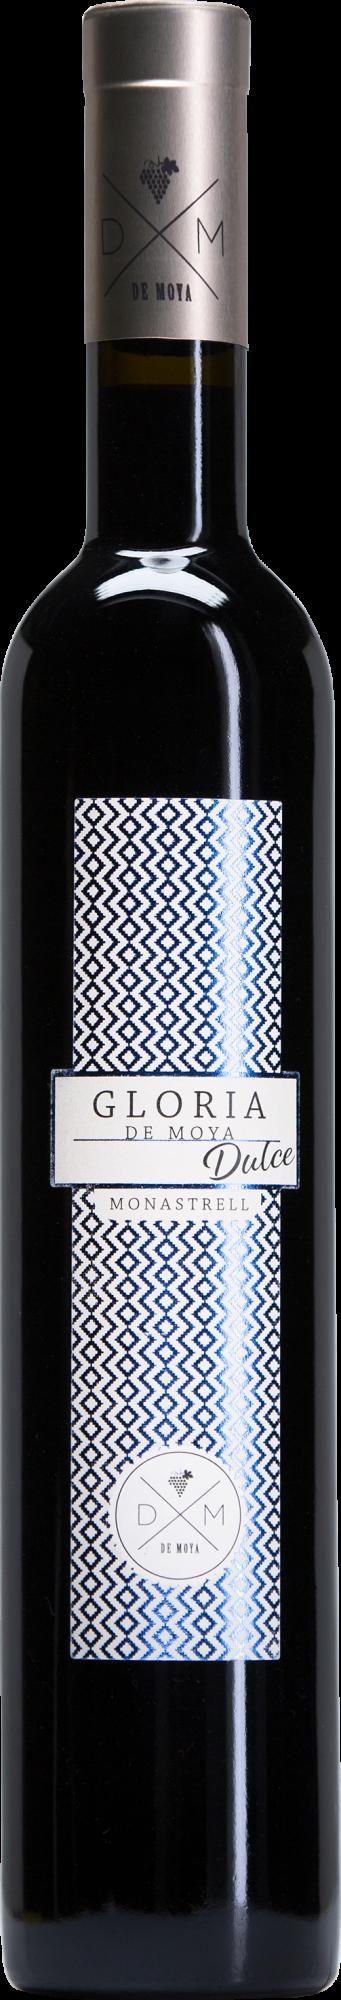 """Bodega de Moya – Gloria """"DULCE"""""""